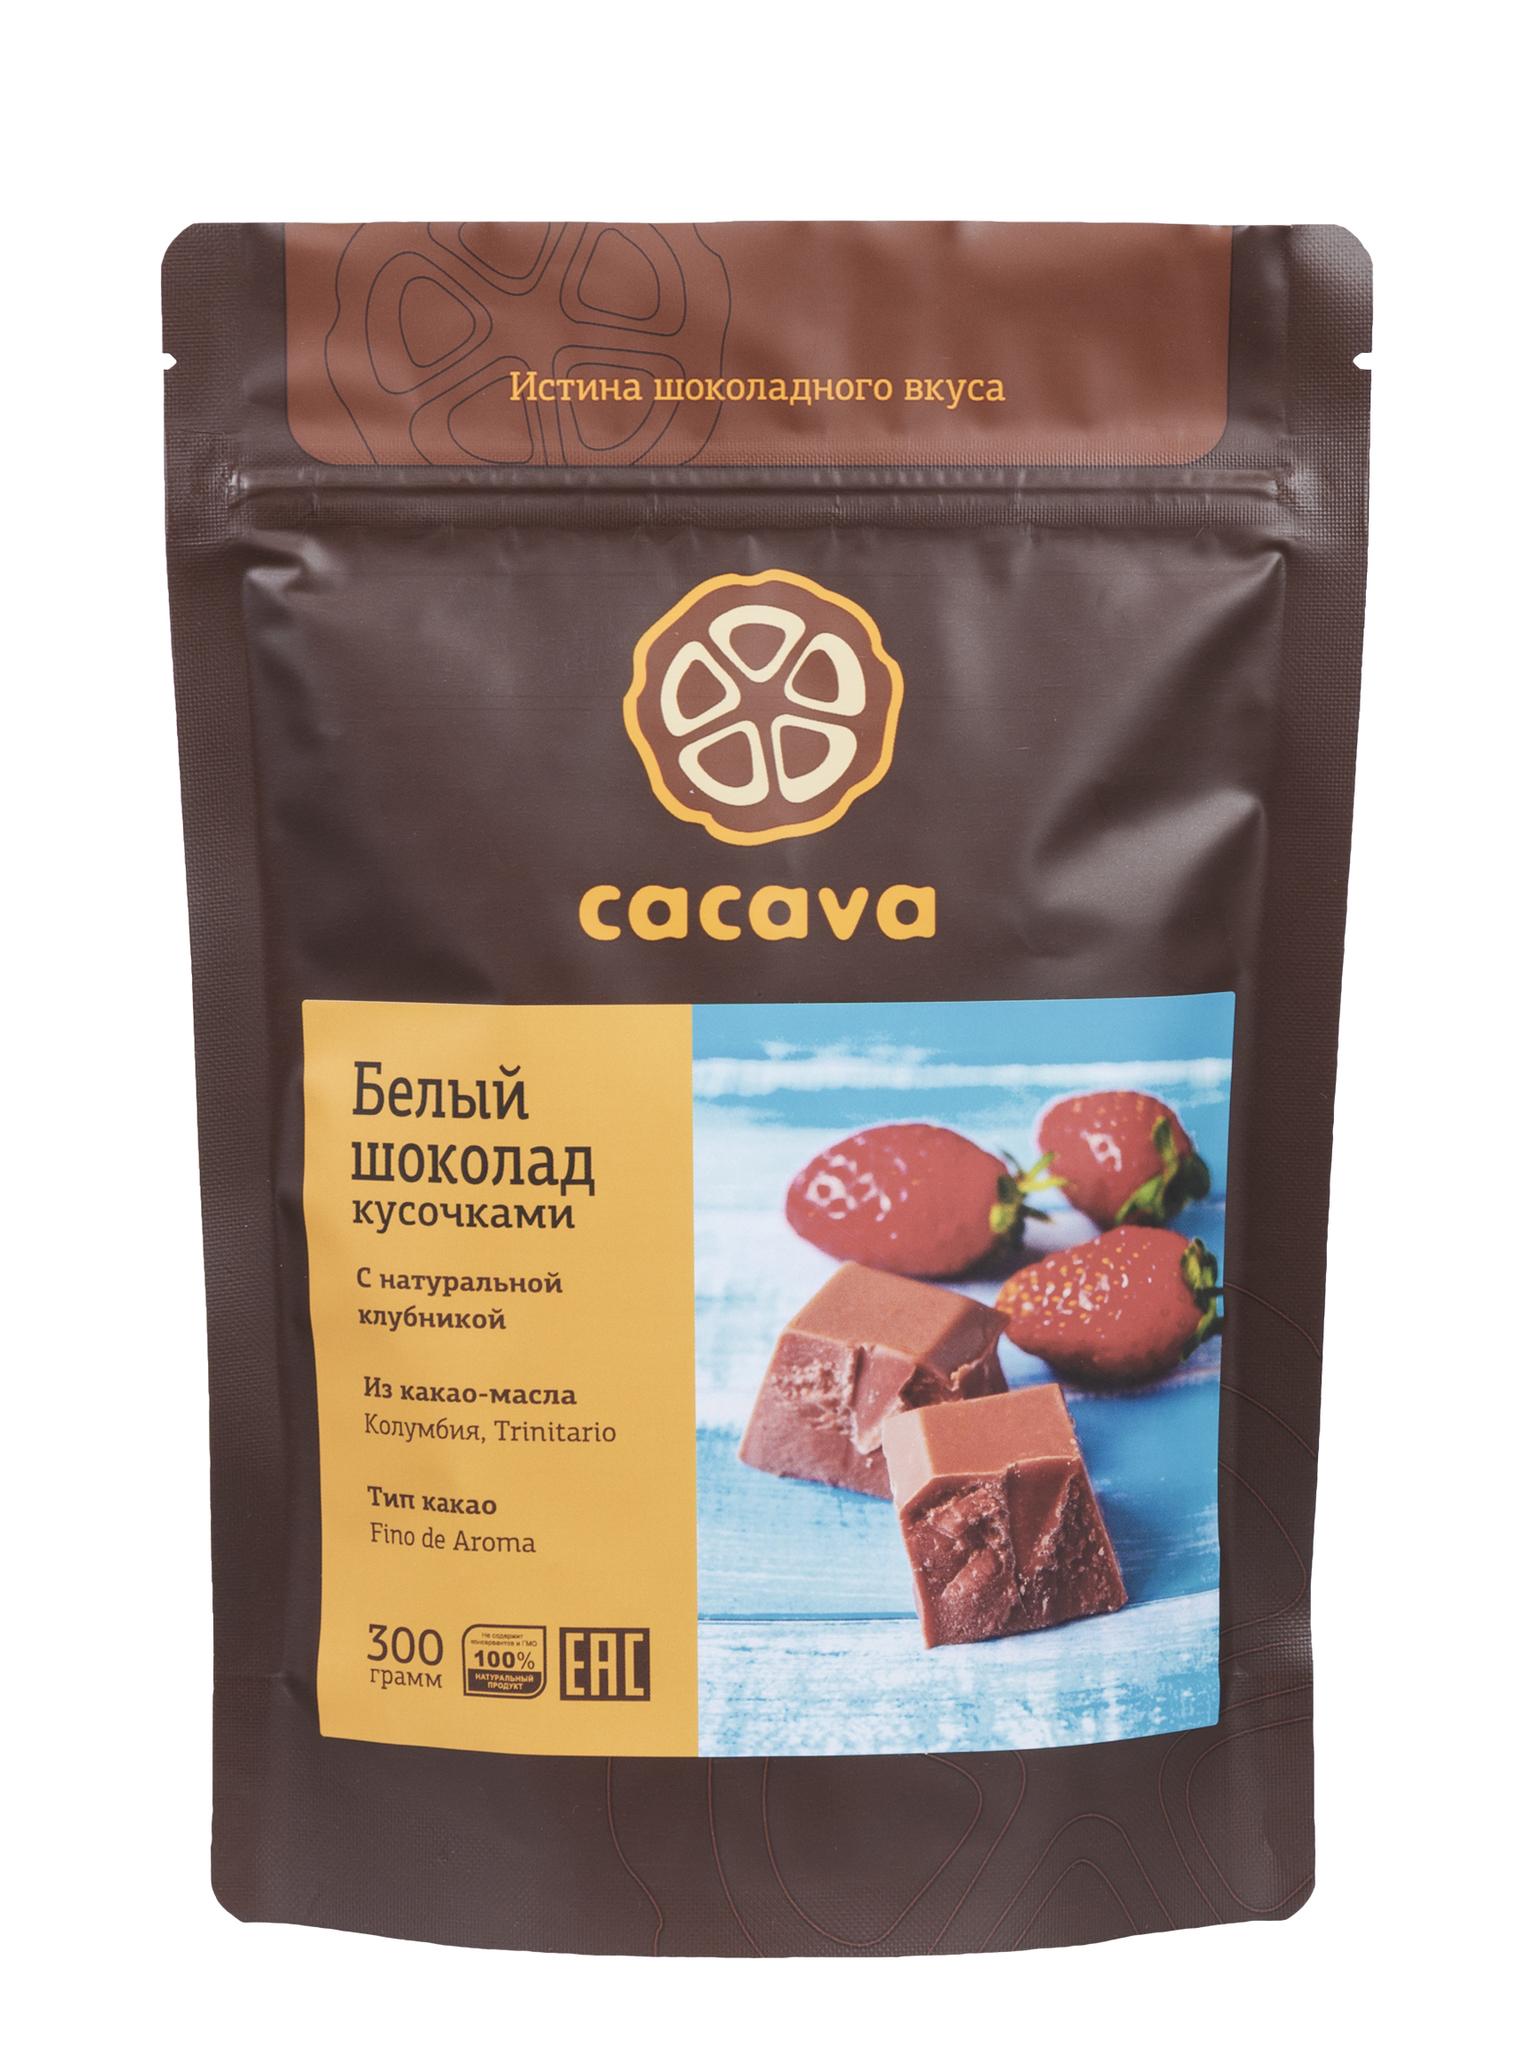 Белый шоколад с клубникой, упаковка 300 грамм